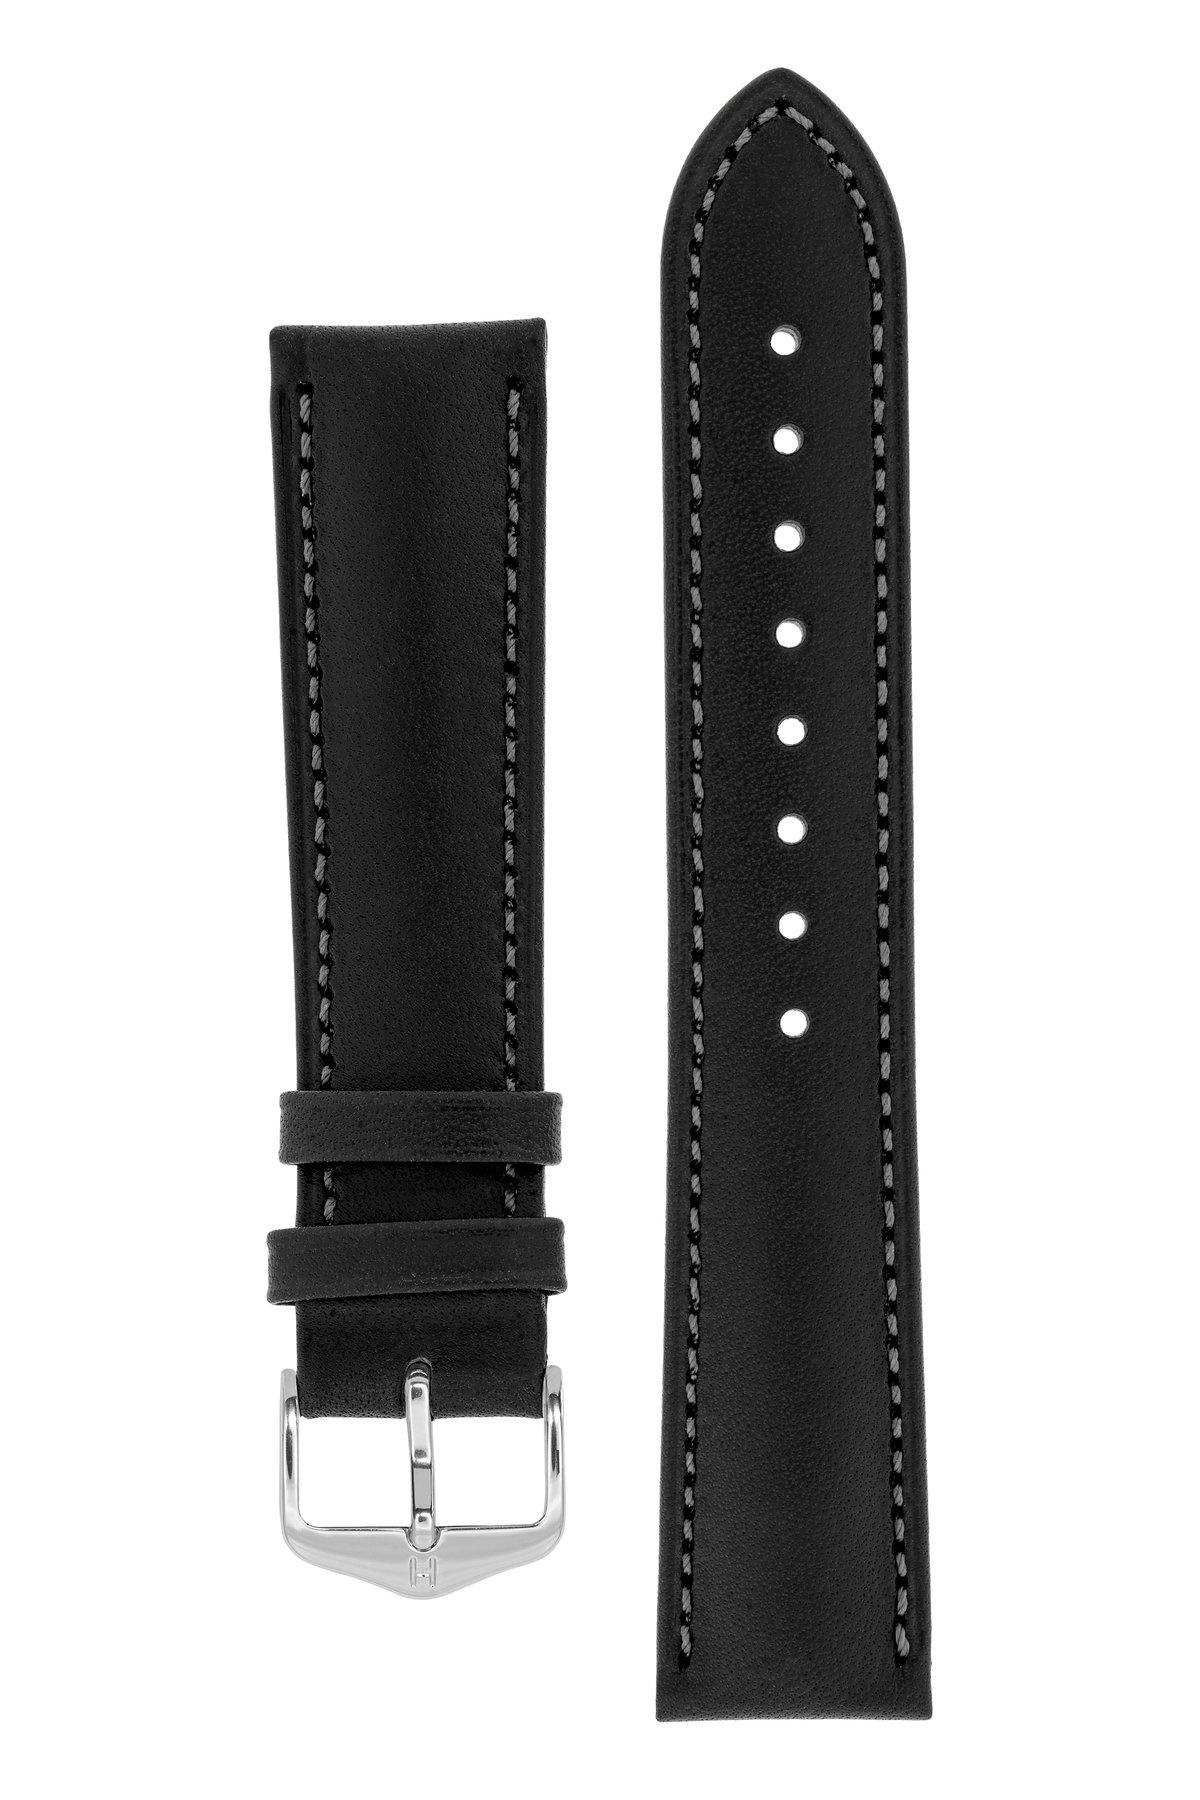 Horlogebandje Kent Kalfsleer  20 mm-1